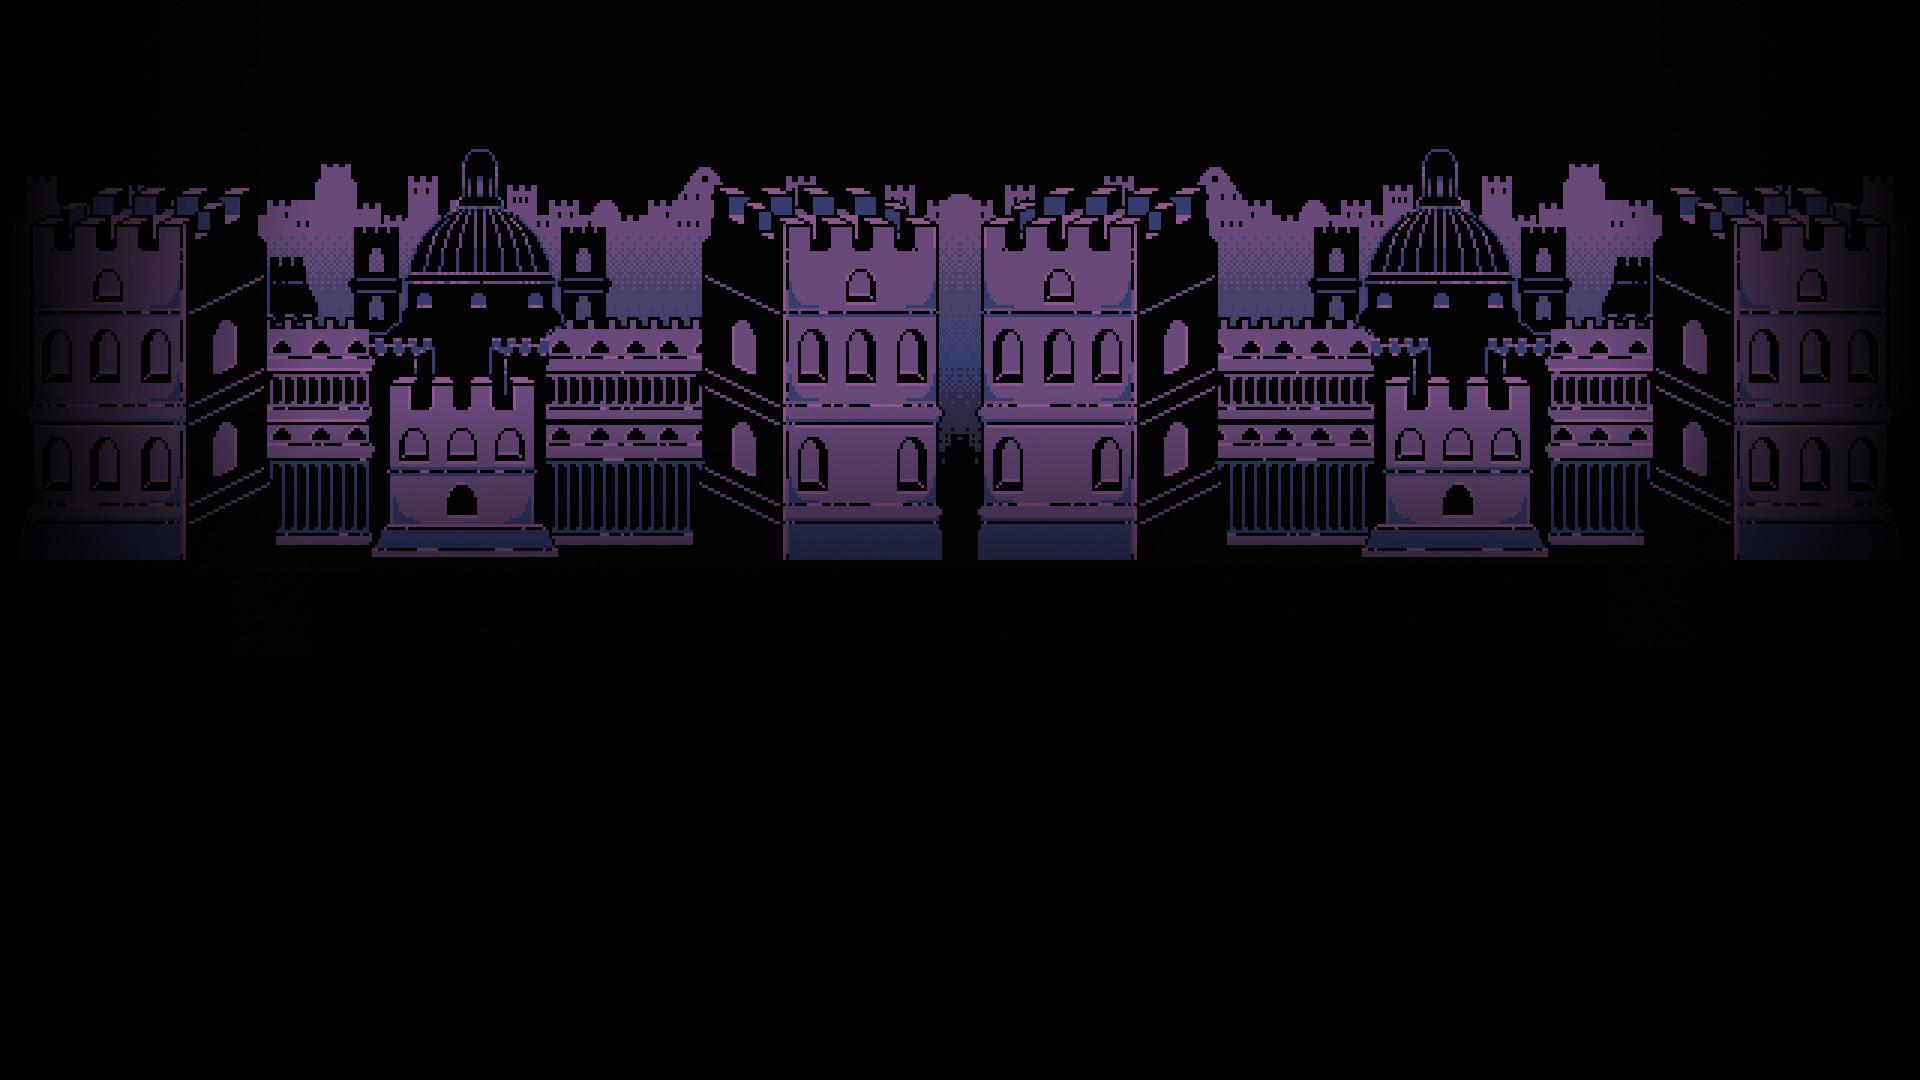 Undertale Game 2048×1152 Resolution